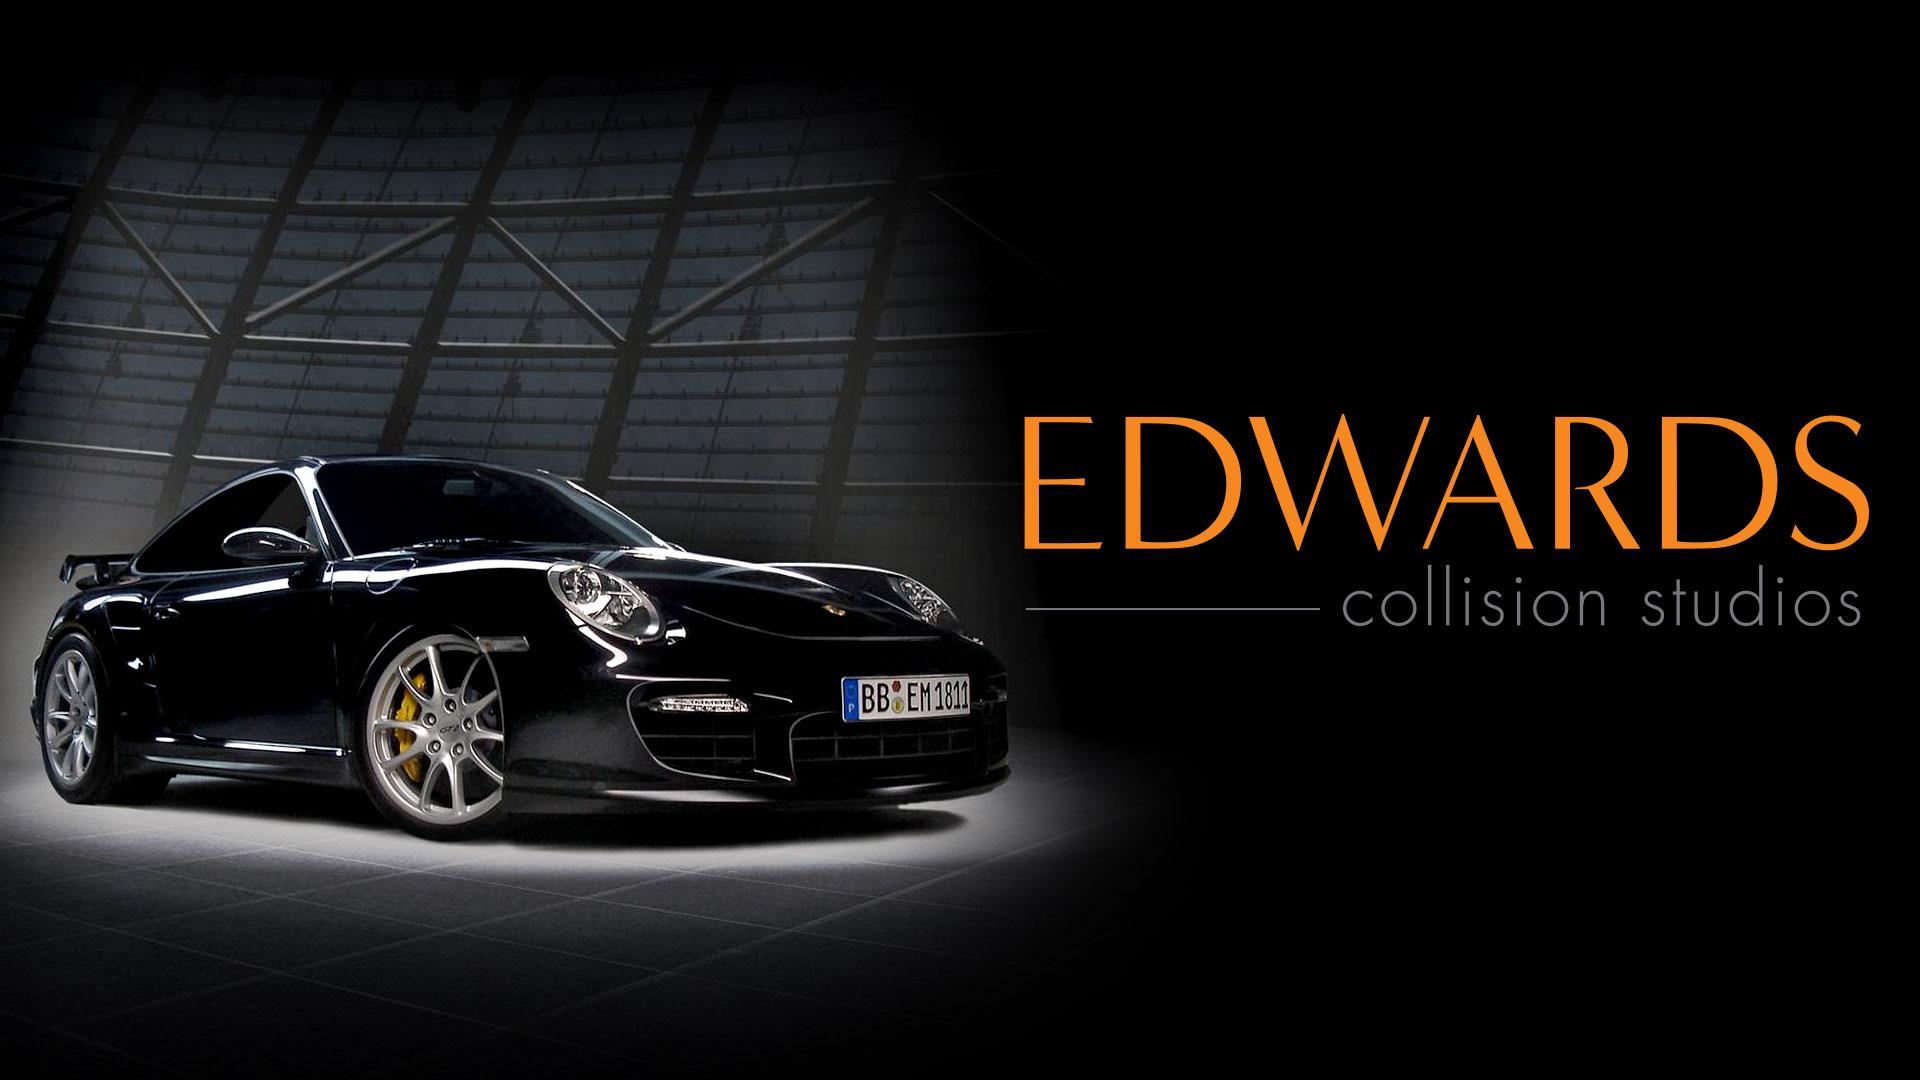 Edwards-Collision-Slider-02